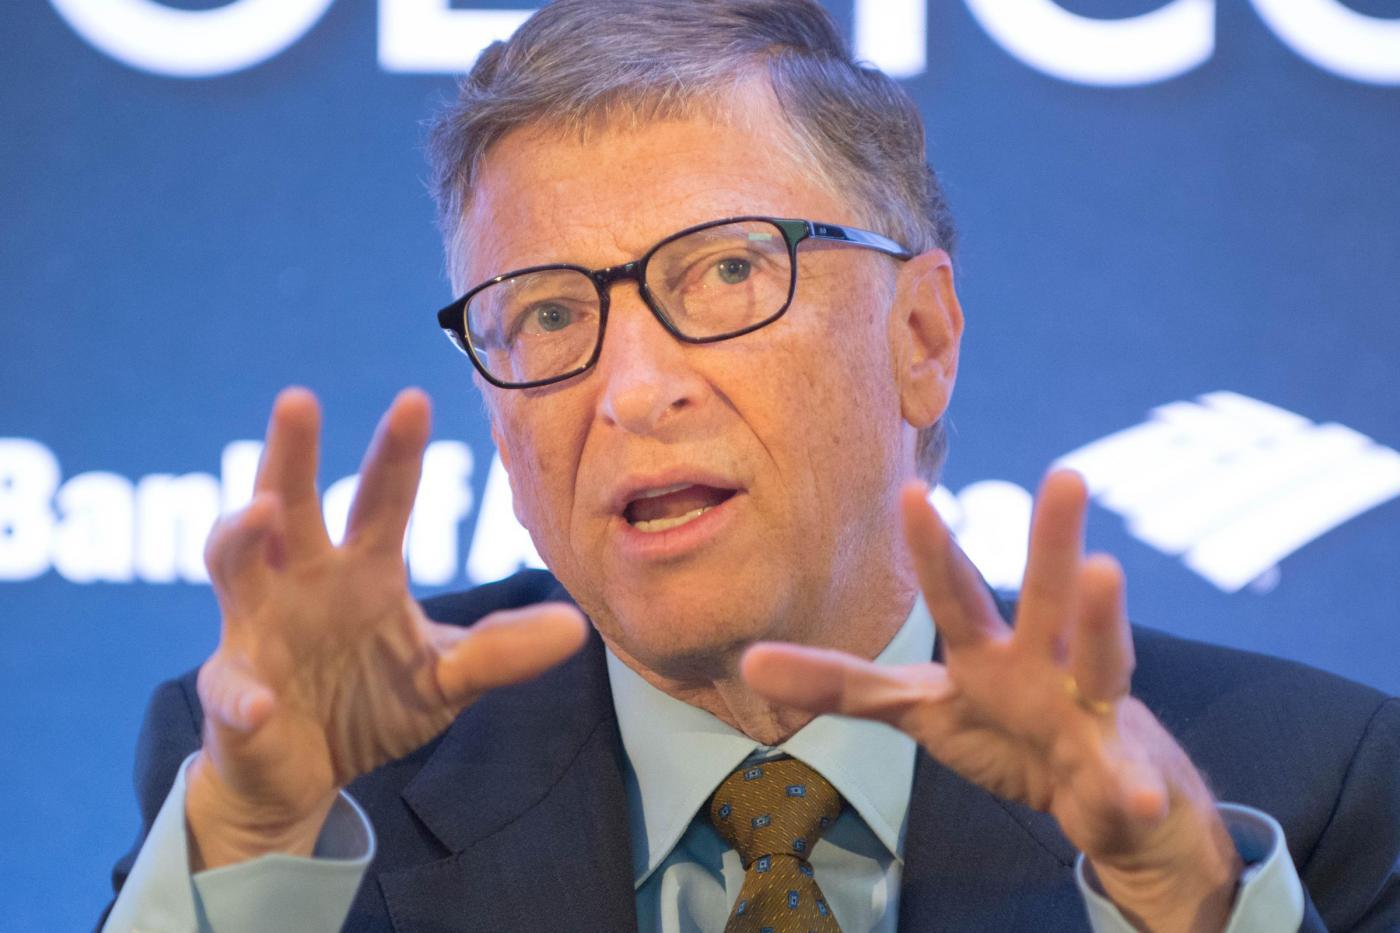 Bill Gates e Jimmy Fallon bevono l'acqua derivata dalle feci